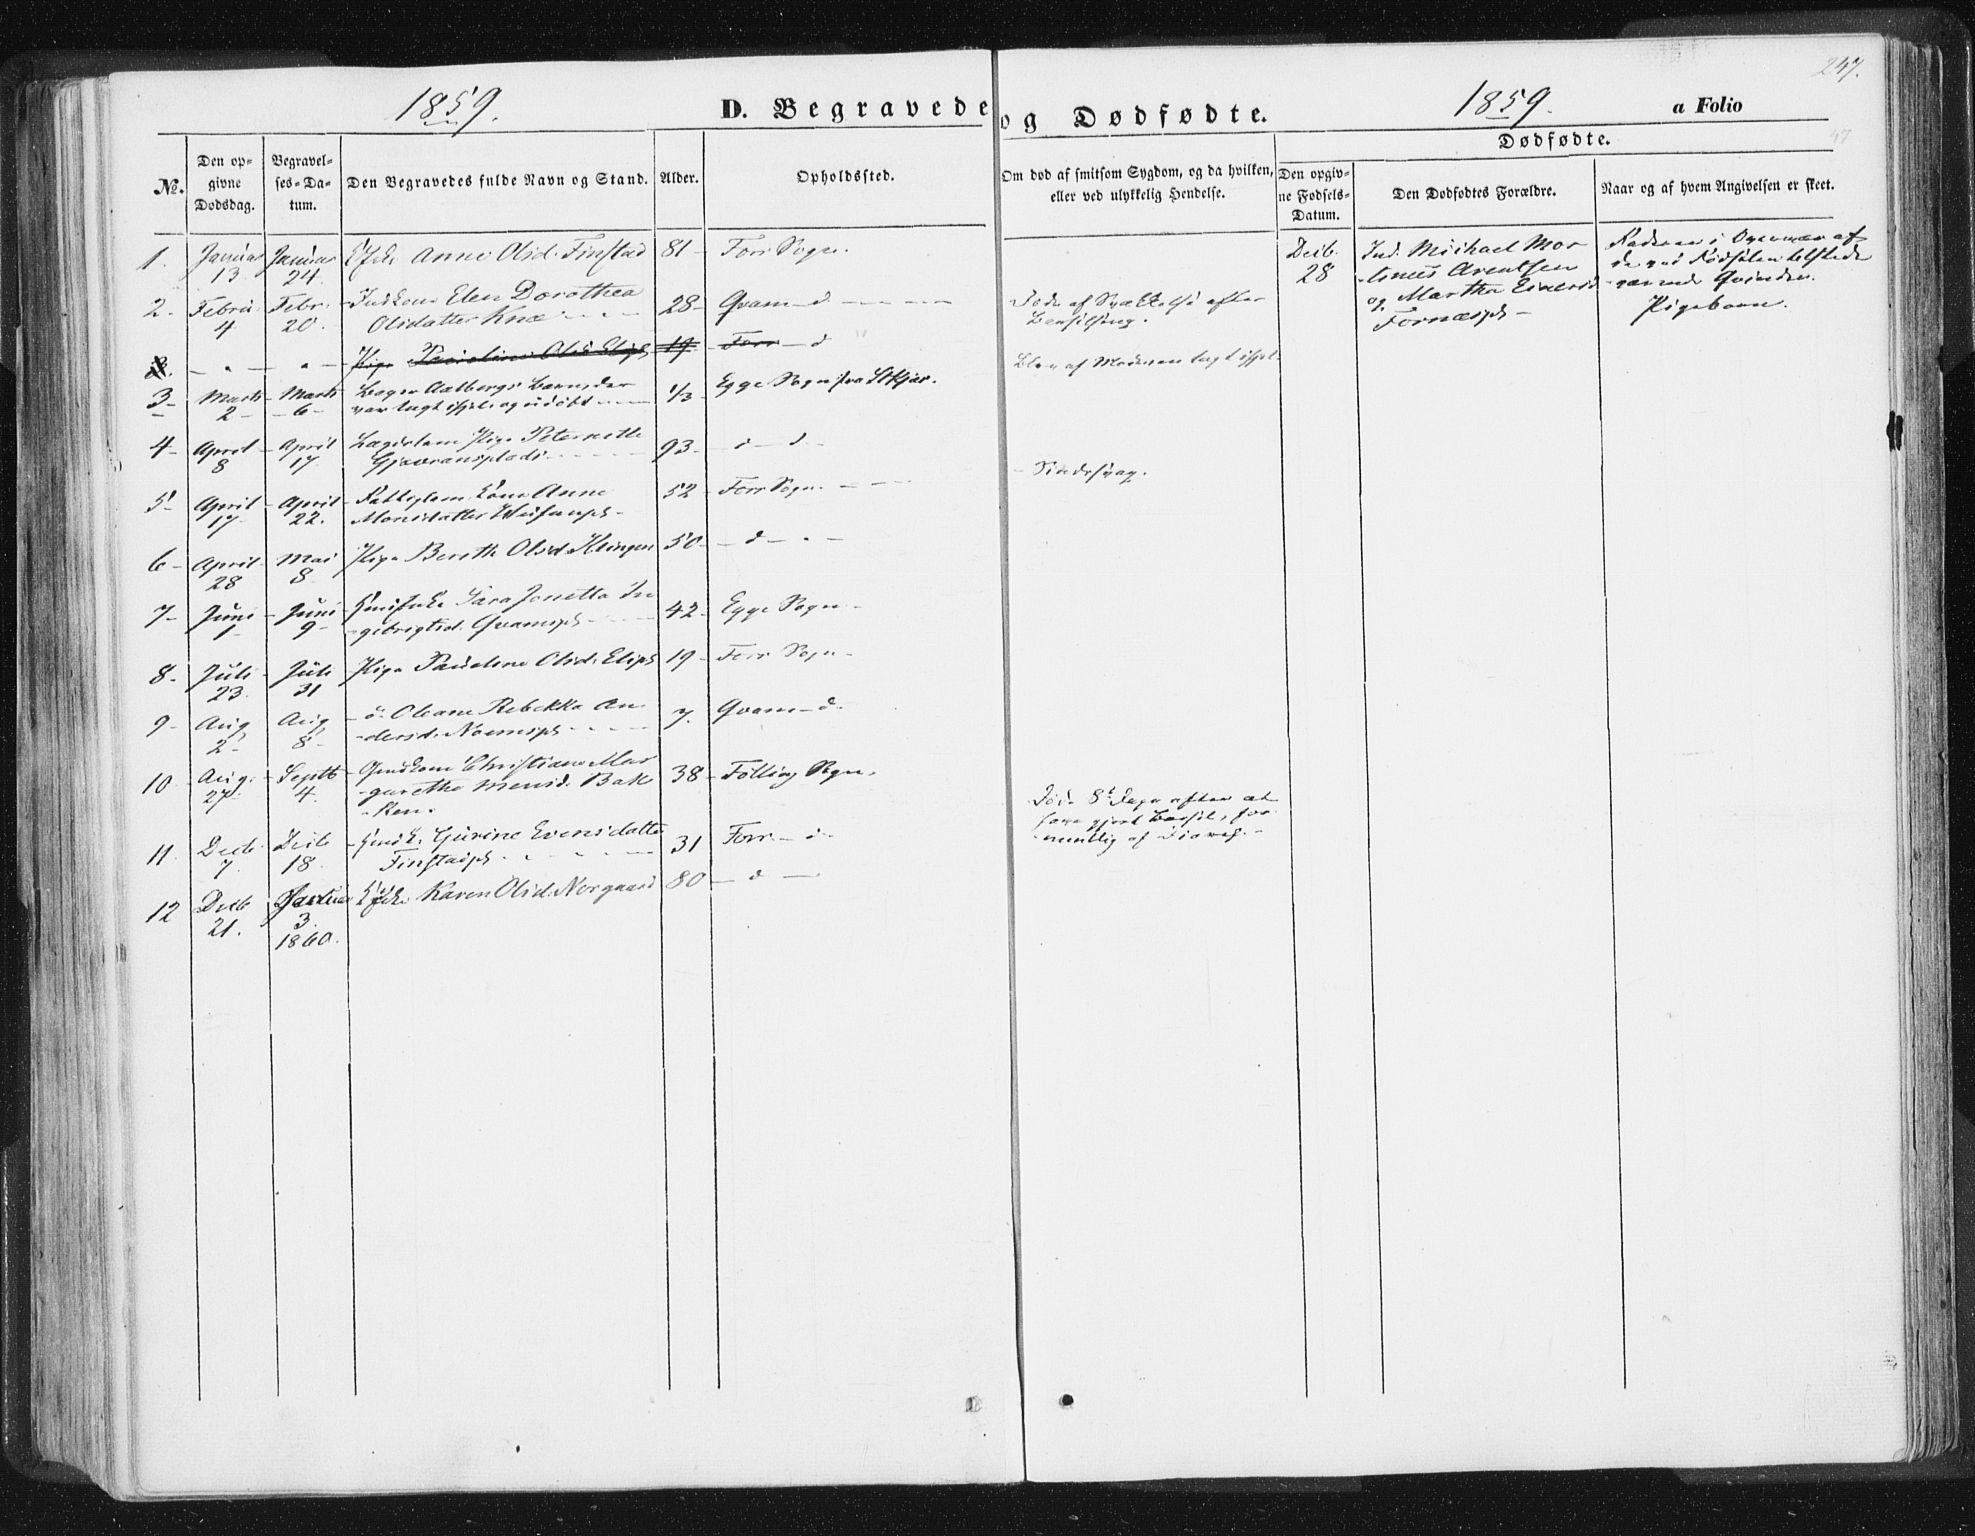 SAT, Ministerialprotokoller, klokkerbøker og fødselsregistre - Nord-Trøndelag, 746/L0446: Ministerialbok nr. 746A05, 1846-1859, s. 247